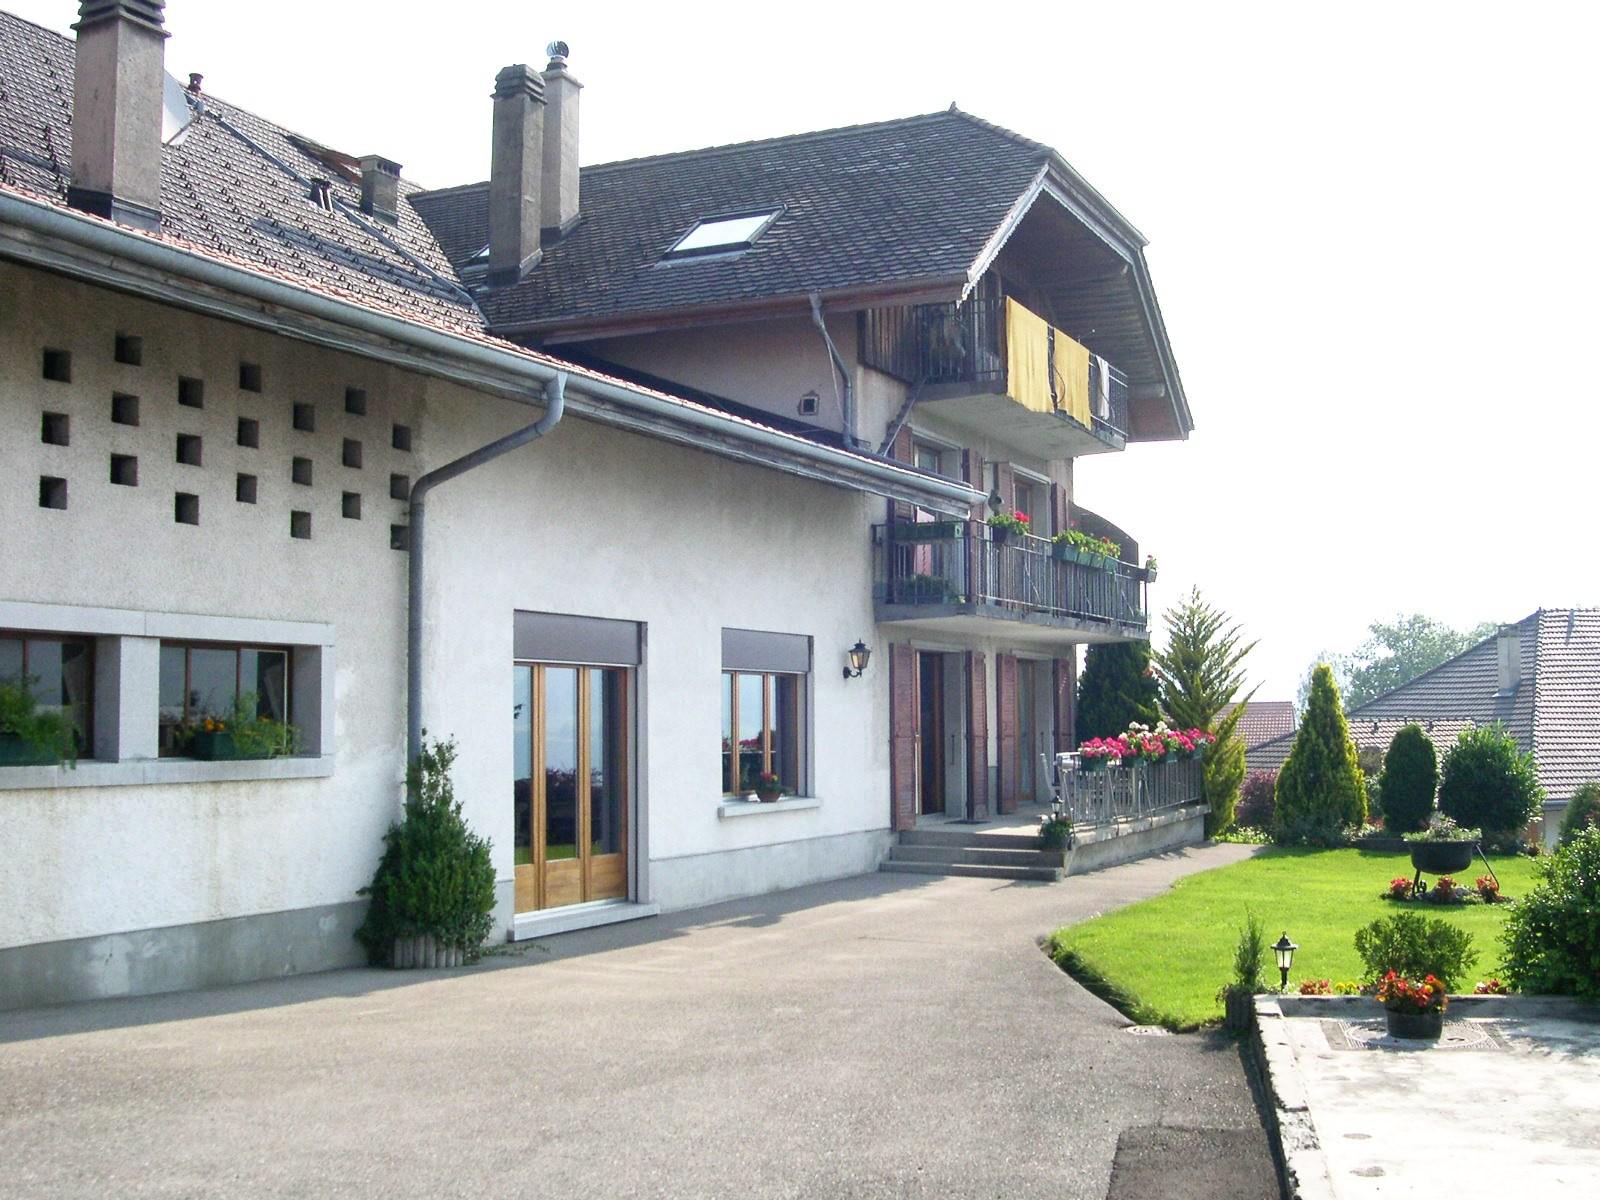 Detached House For Sale in Pont-en-Ogoz - 3 Photos